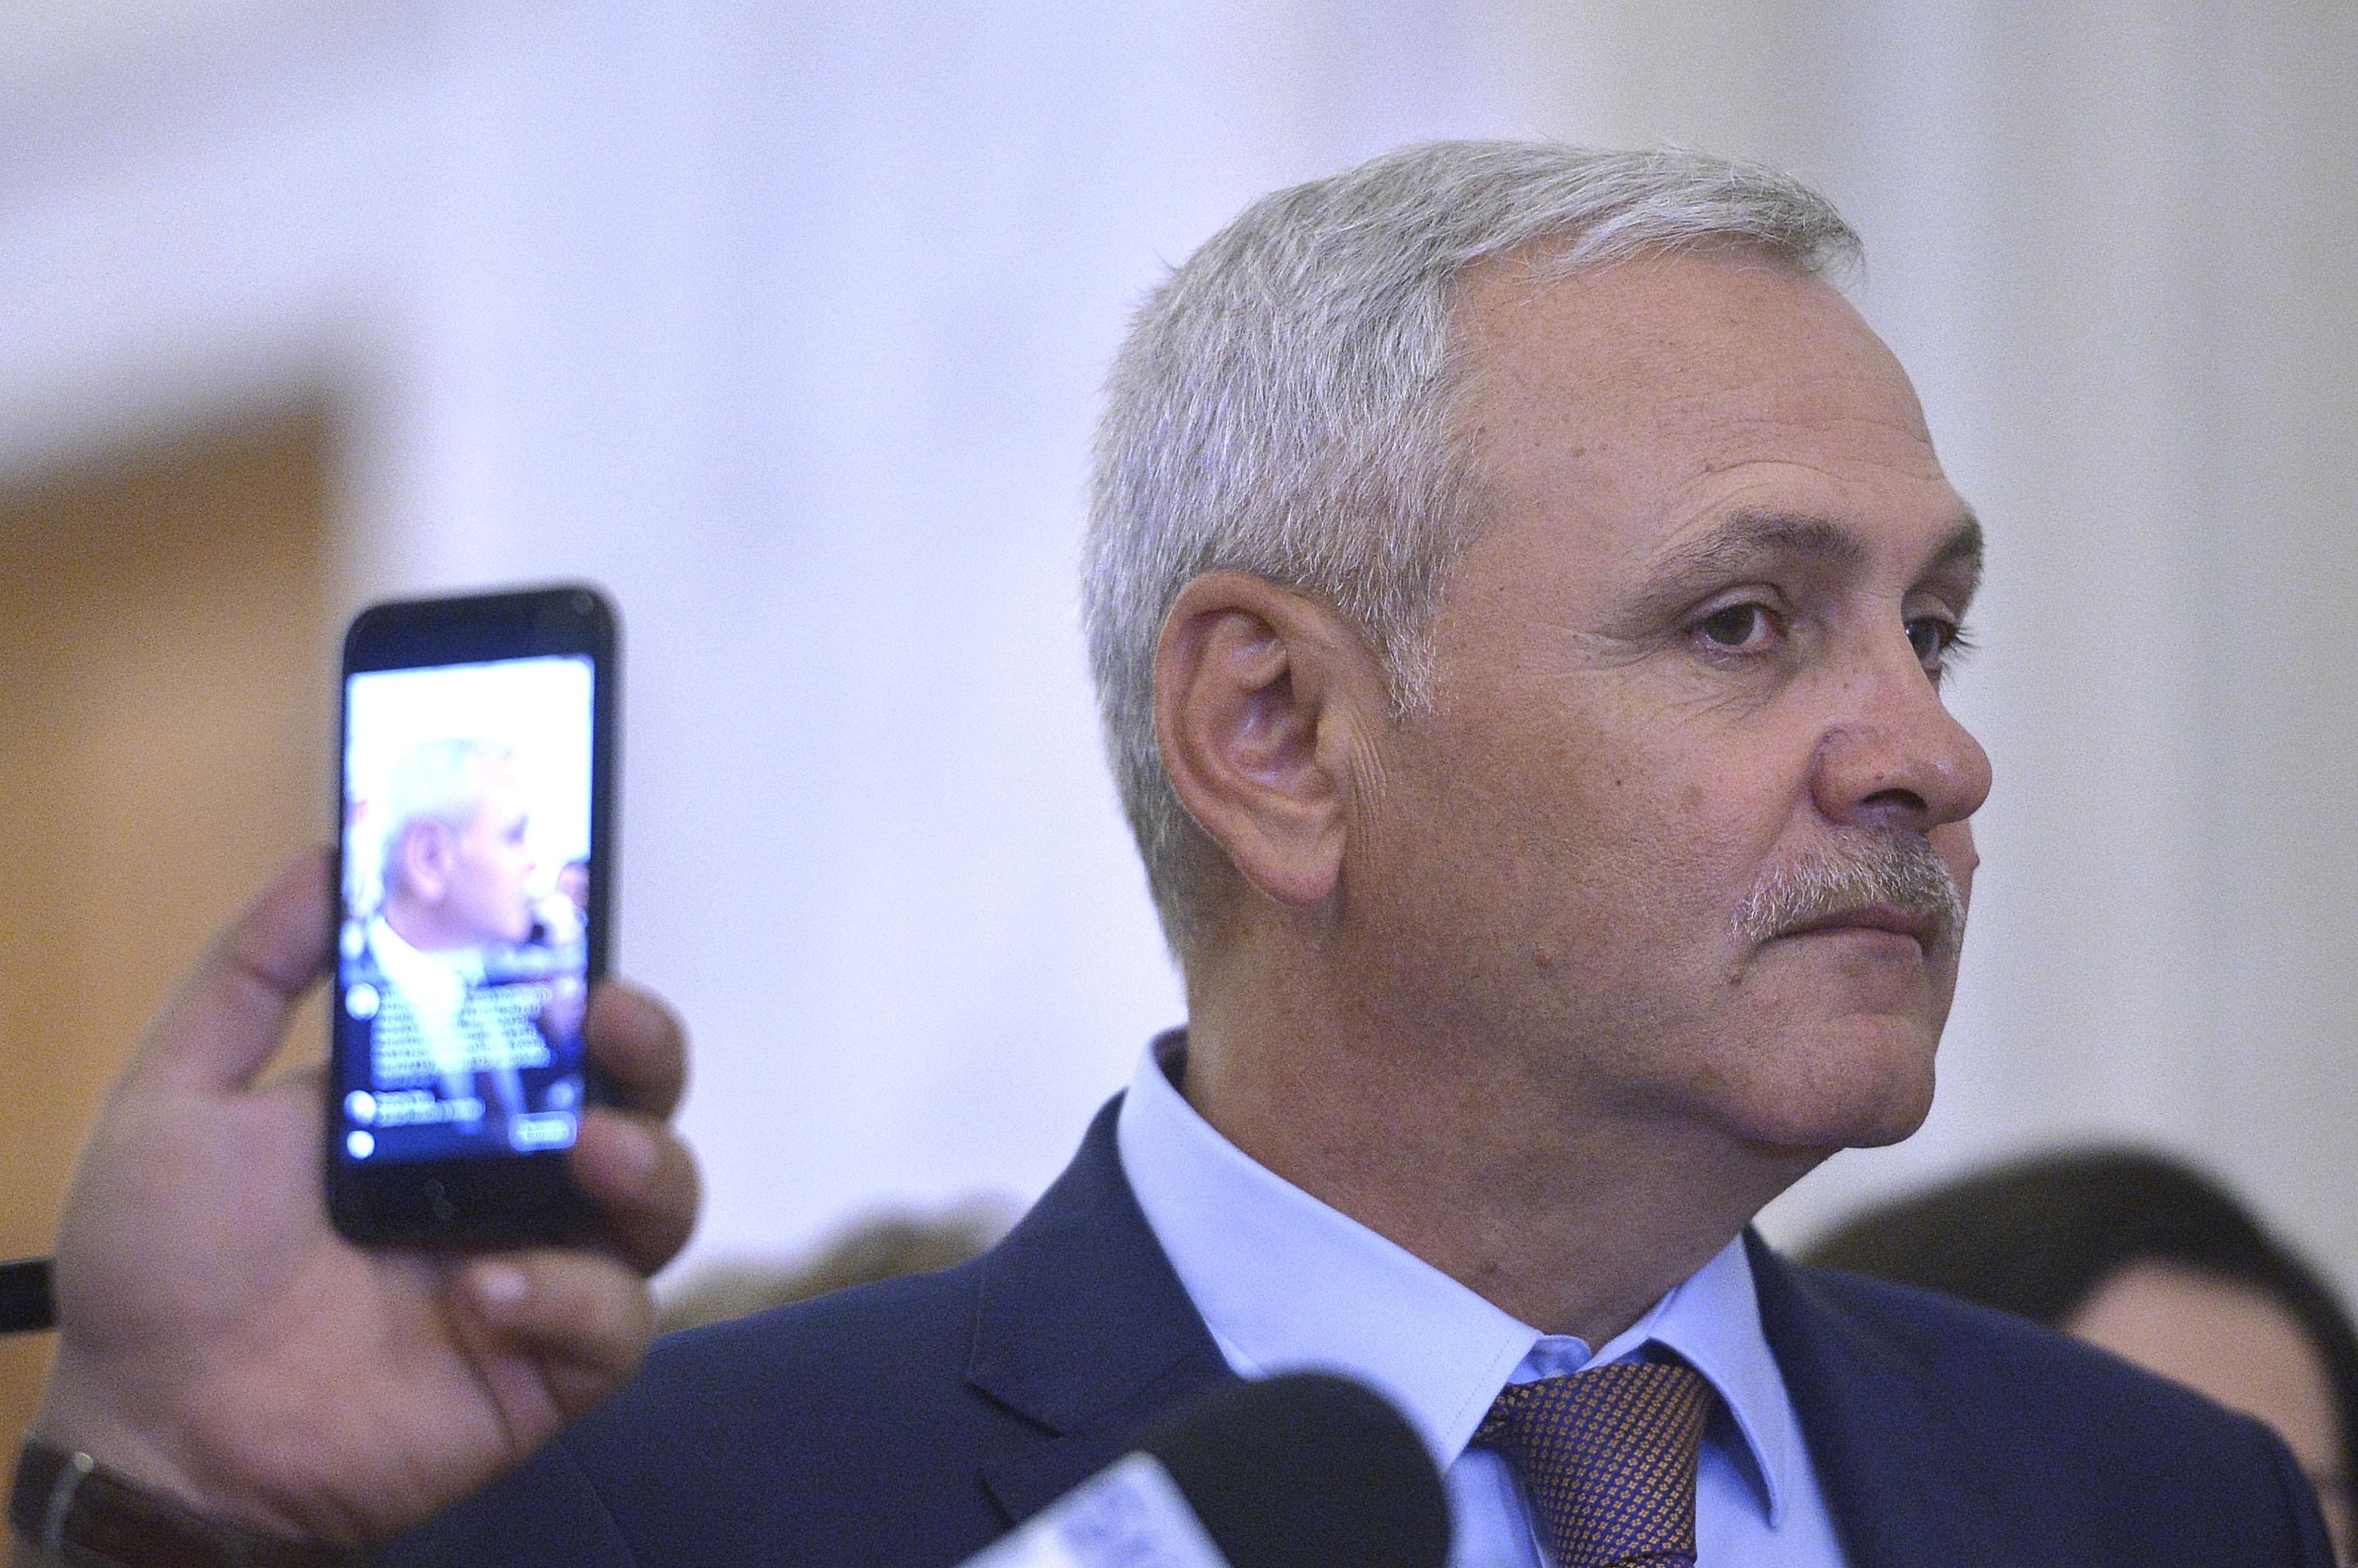 Liviu Dragnea mesaj către Opoziţie. Parlamentar USR: Aş fi vrut să fie trimis cu altă ocazie